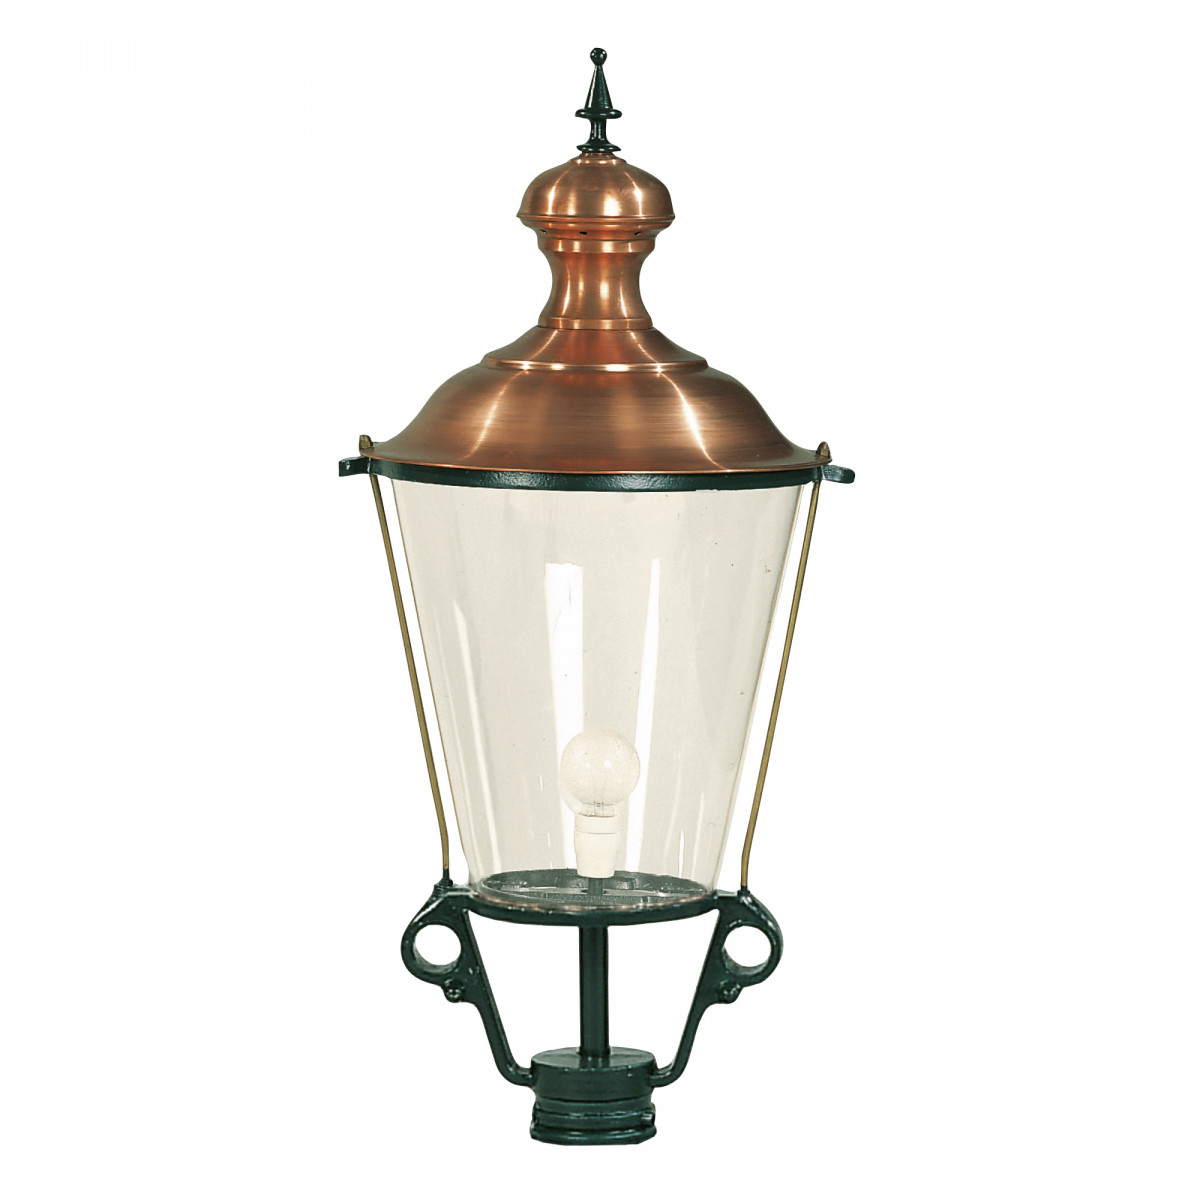 Kunststof glas K1 (5803) - KS Verlichting - Lampkappen & glazen